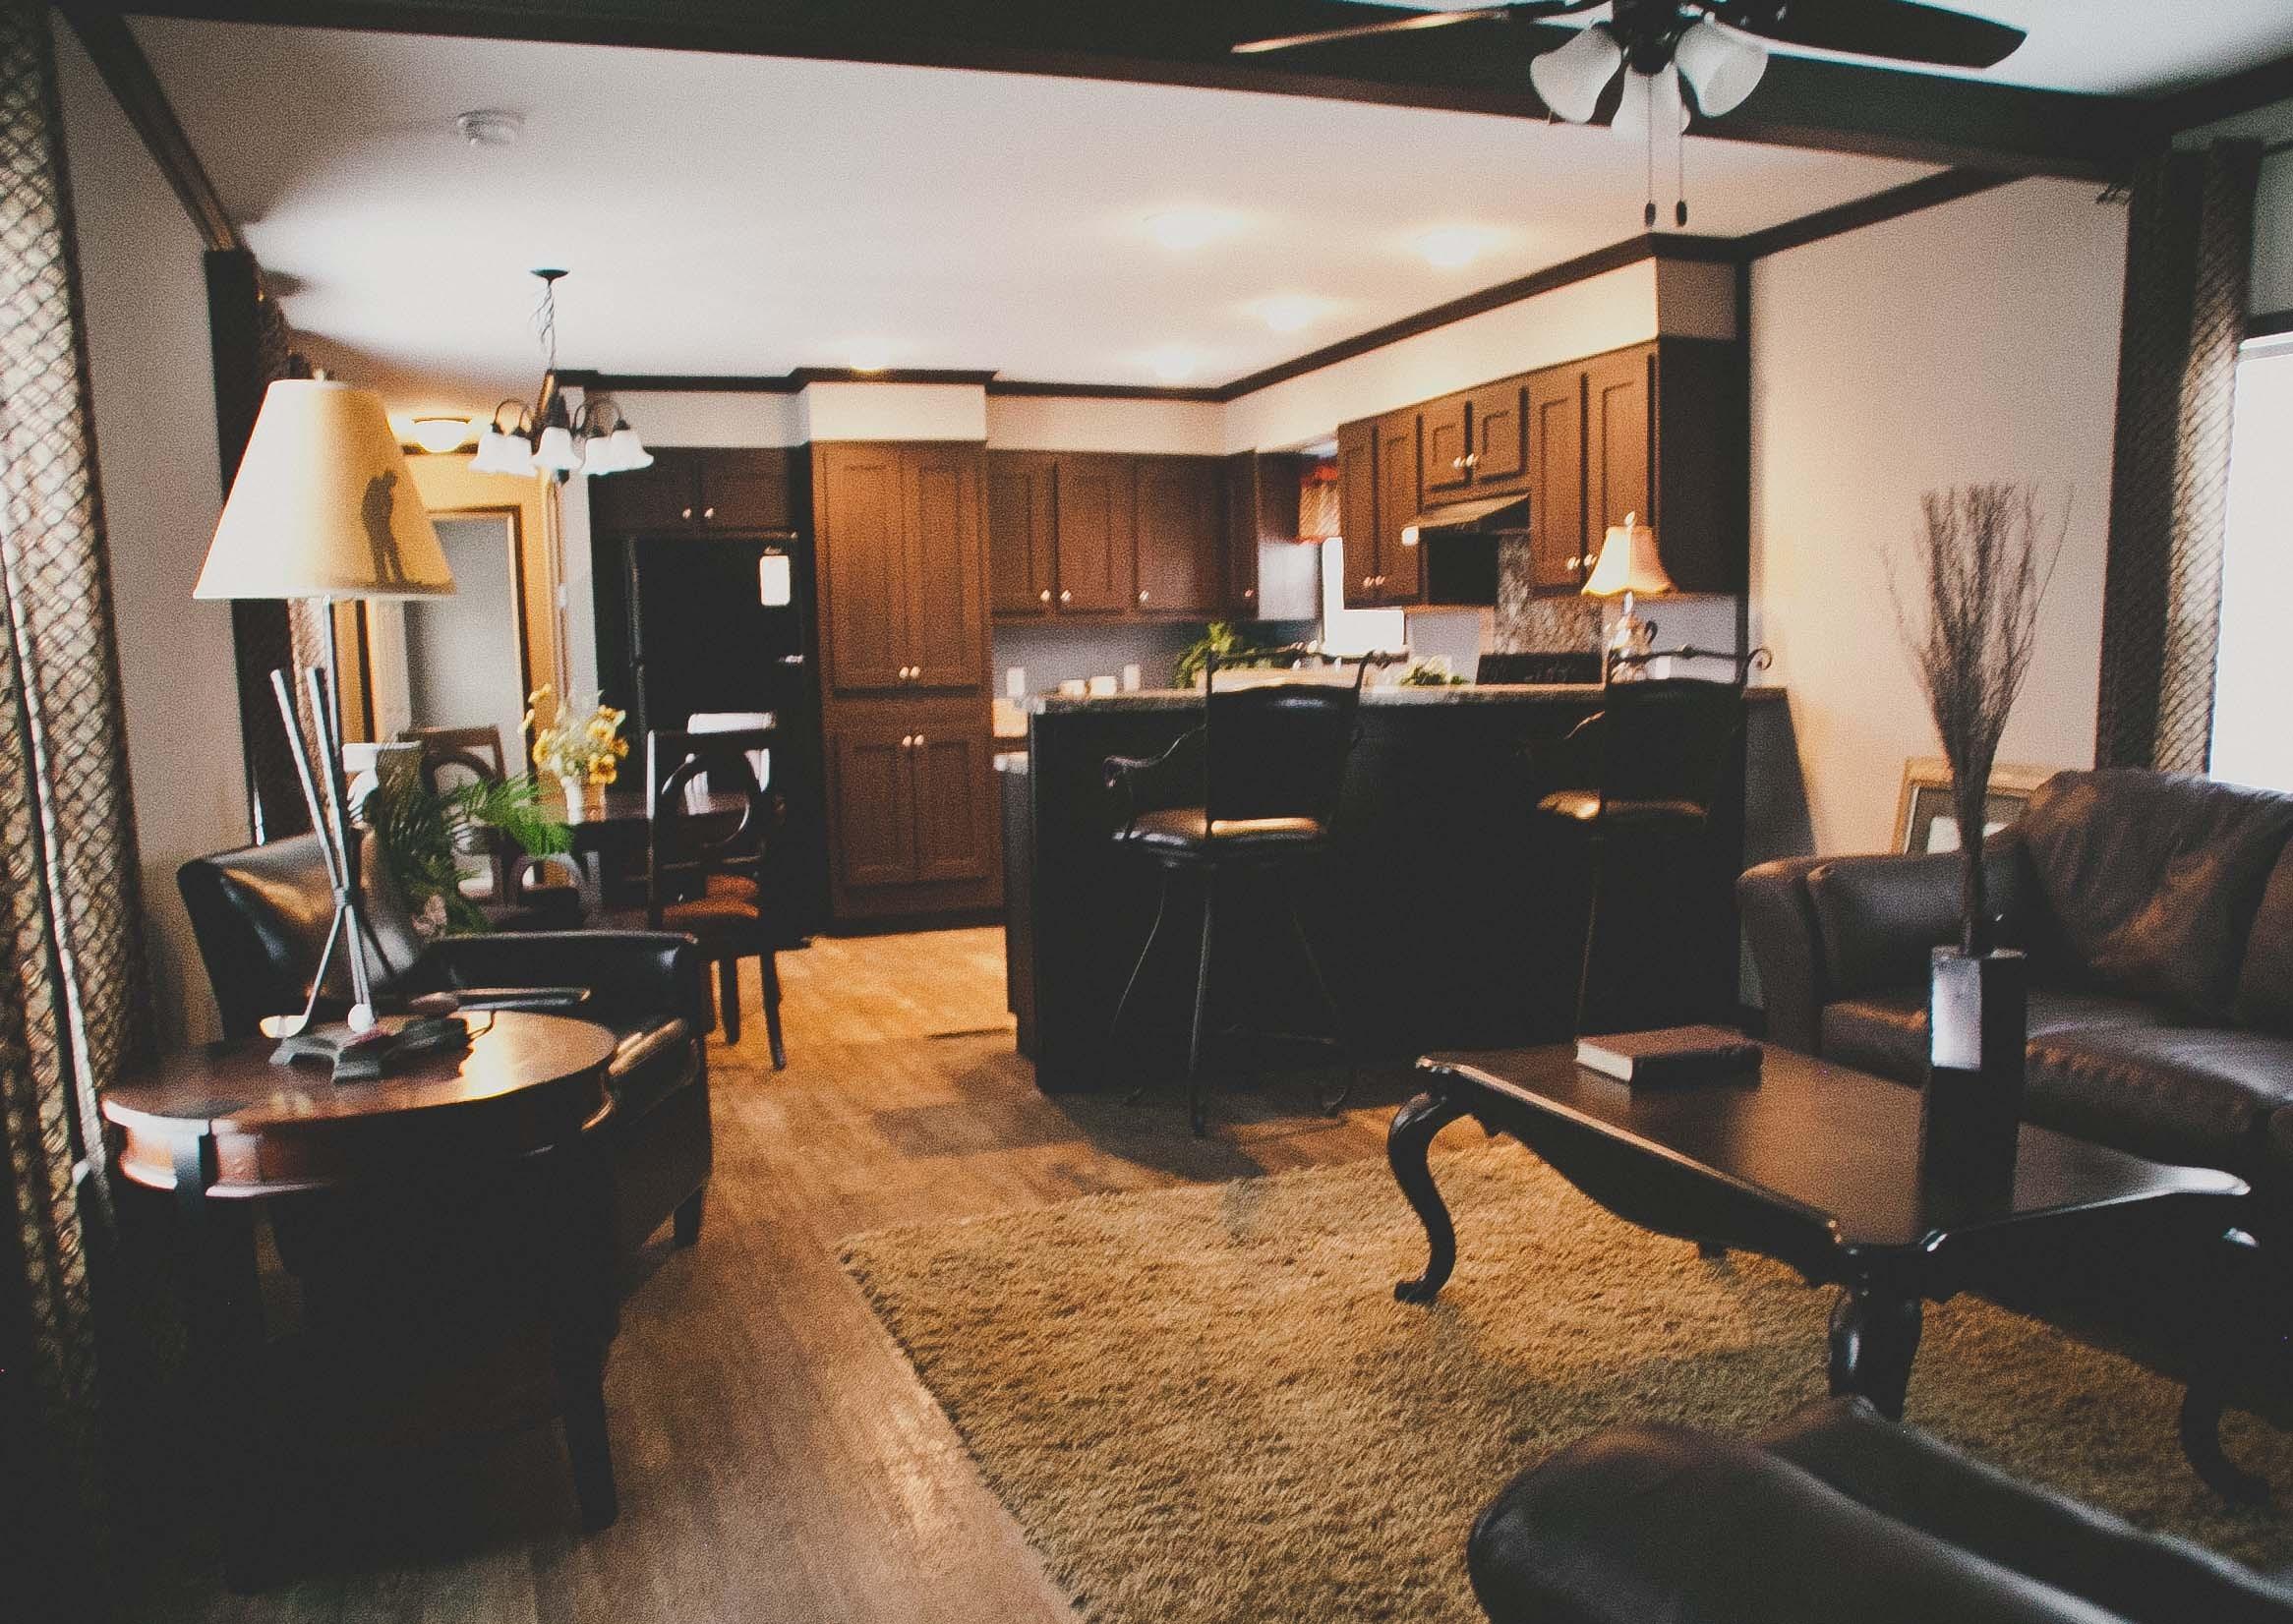 Premier homes of shreveport in shreveport la whitepages for Home builders in shreveport la